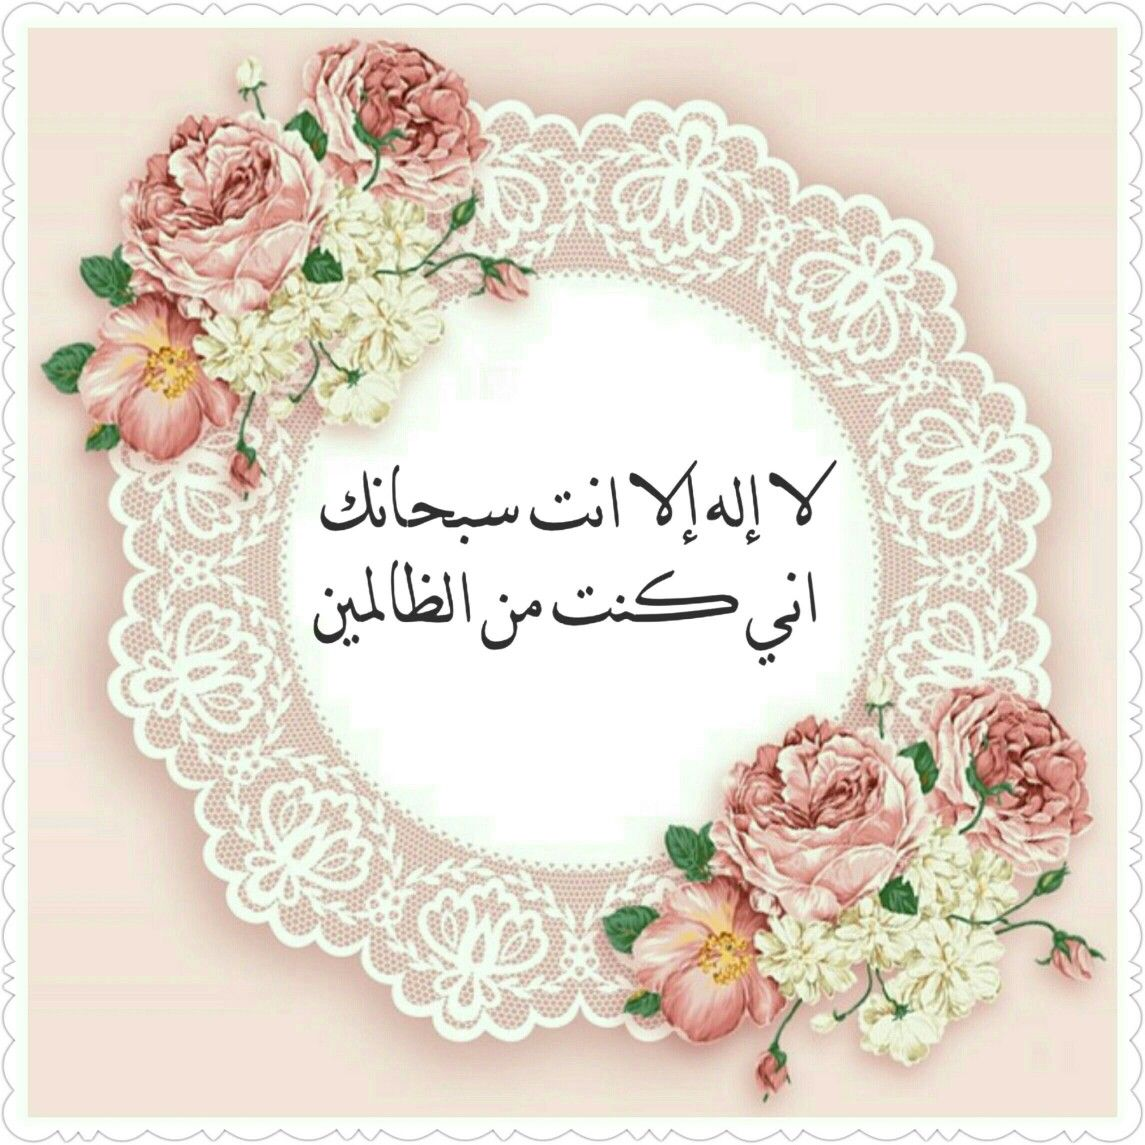 لا إله إلا أنت سبحانك إني كنت من الظالمين Quran Quotes Love Beautiful Prayers Islamic Art